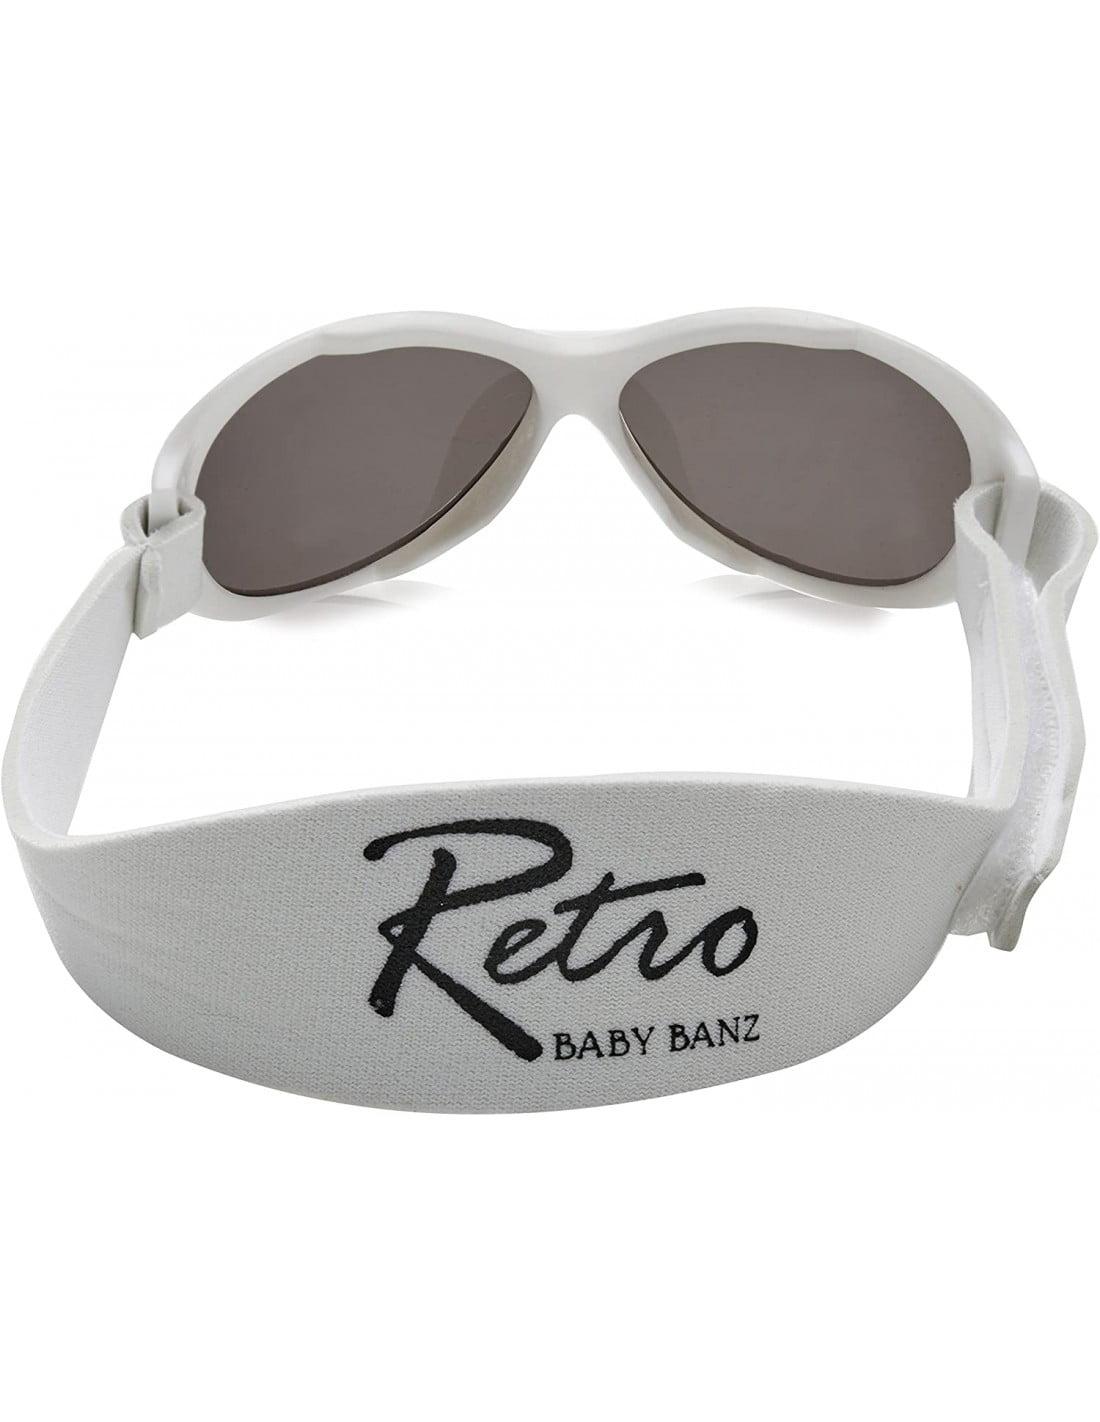 Ochelari Soare Bebe 2-5 ani Retro Oval White (alb) Banz 2